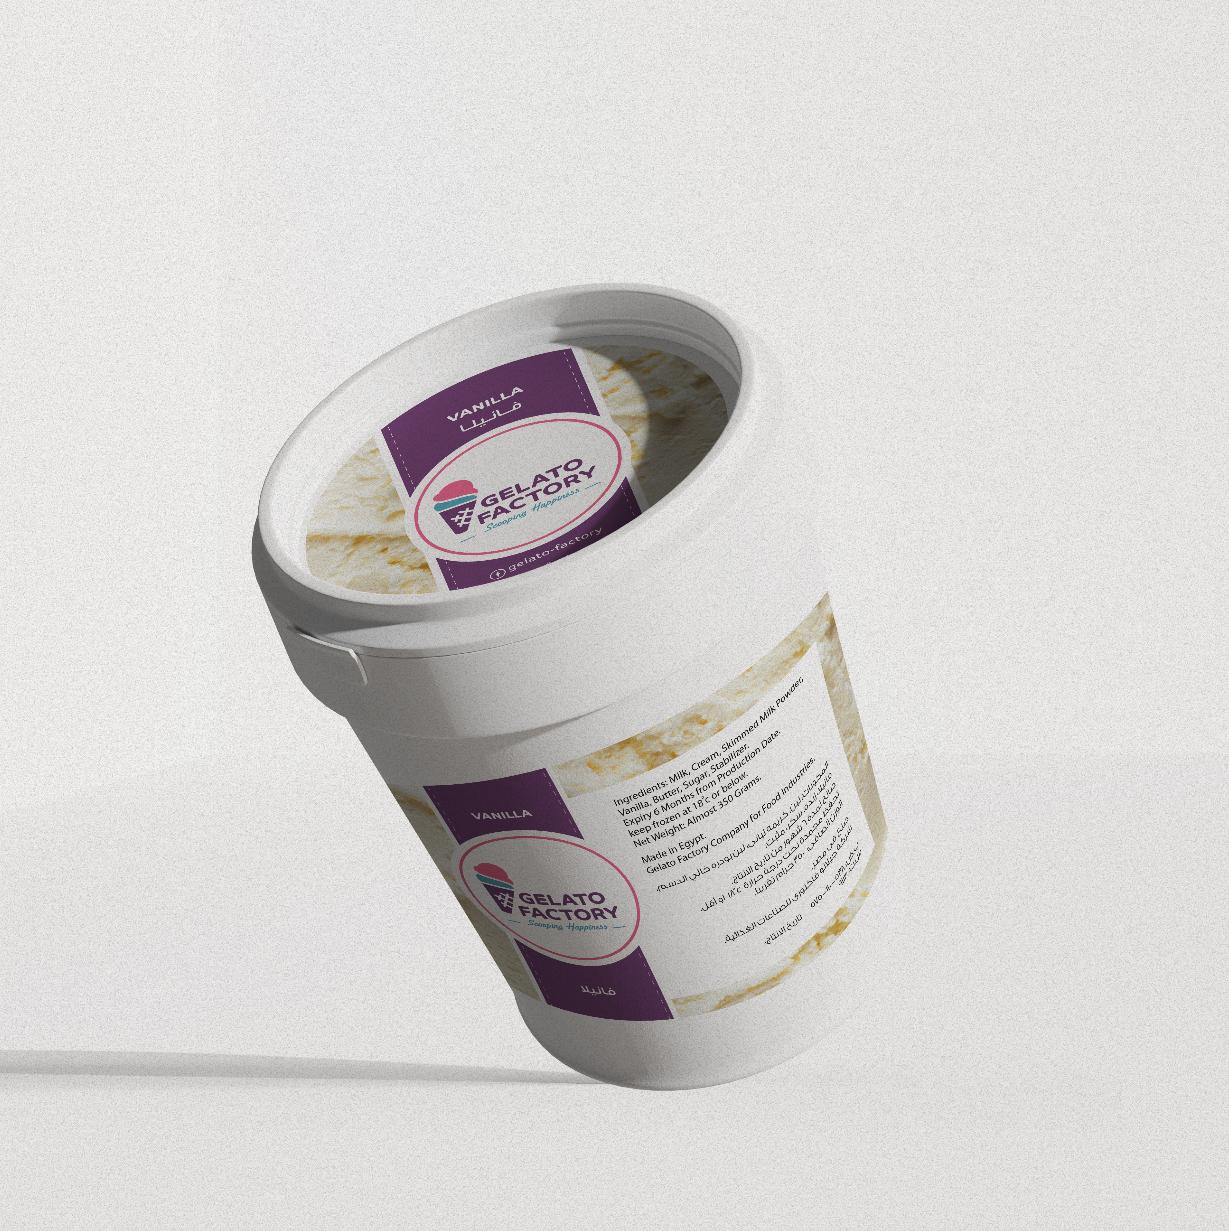 Gelato - Vanilla icecream